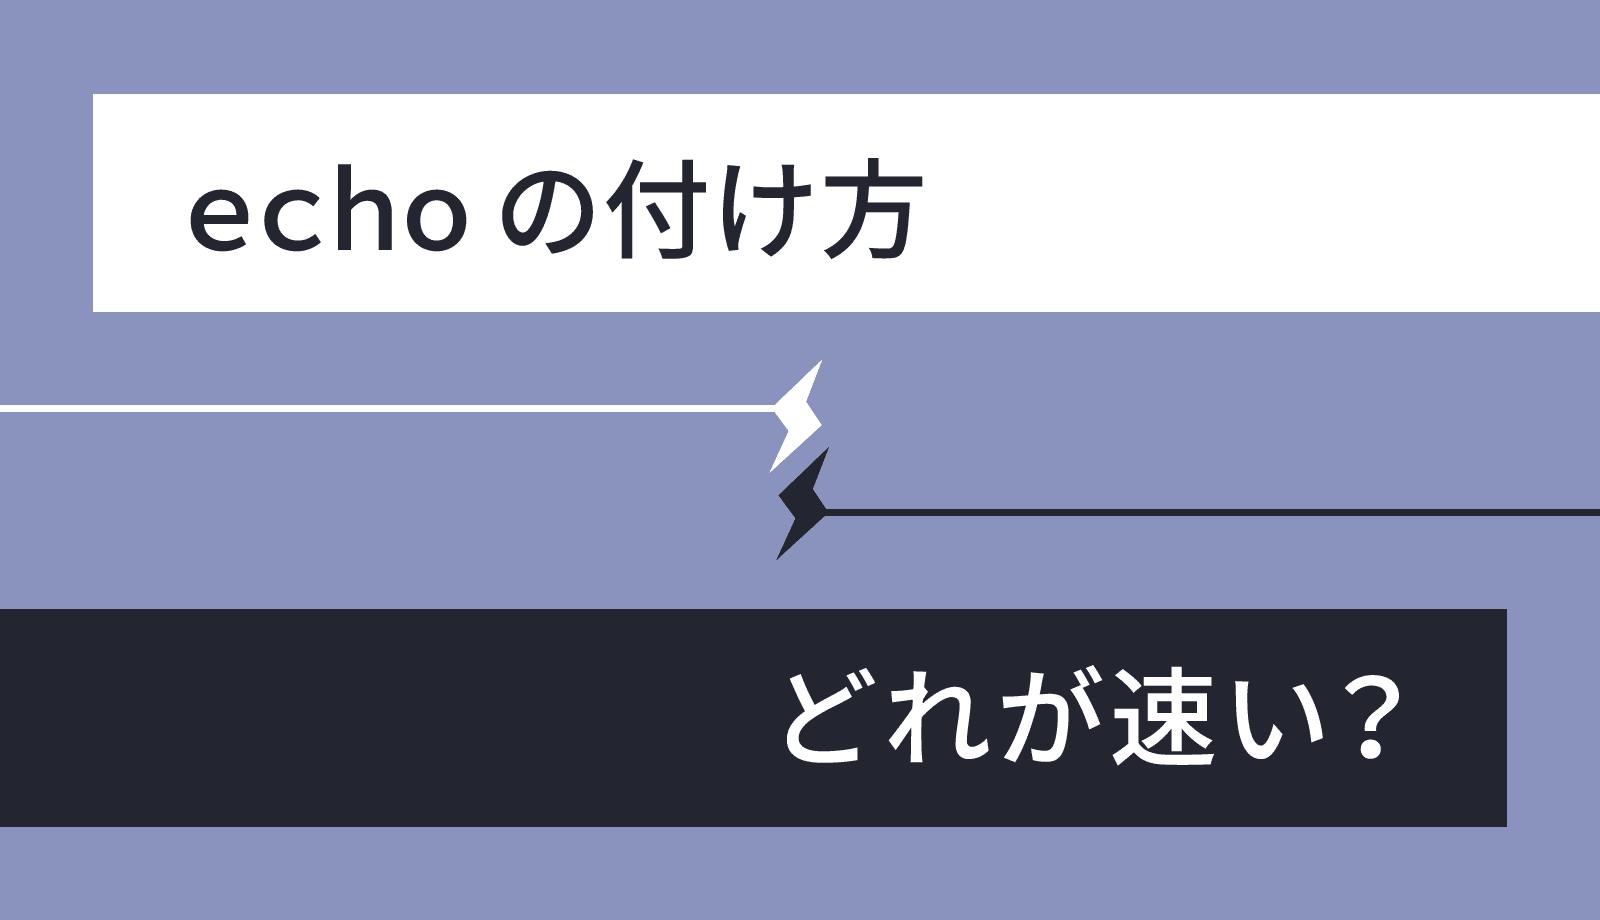 PHPでechoを使って複数行のHTML文を出力する時、echoの付け方(「